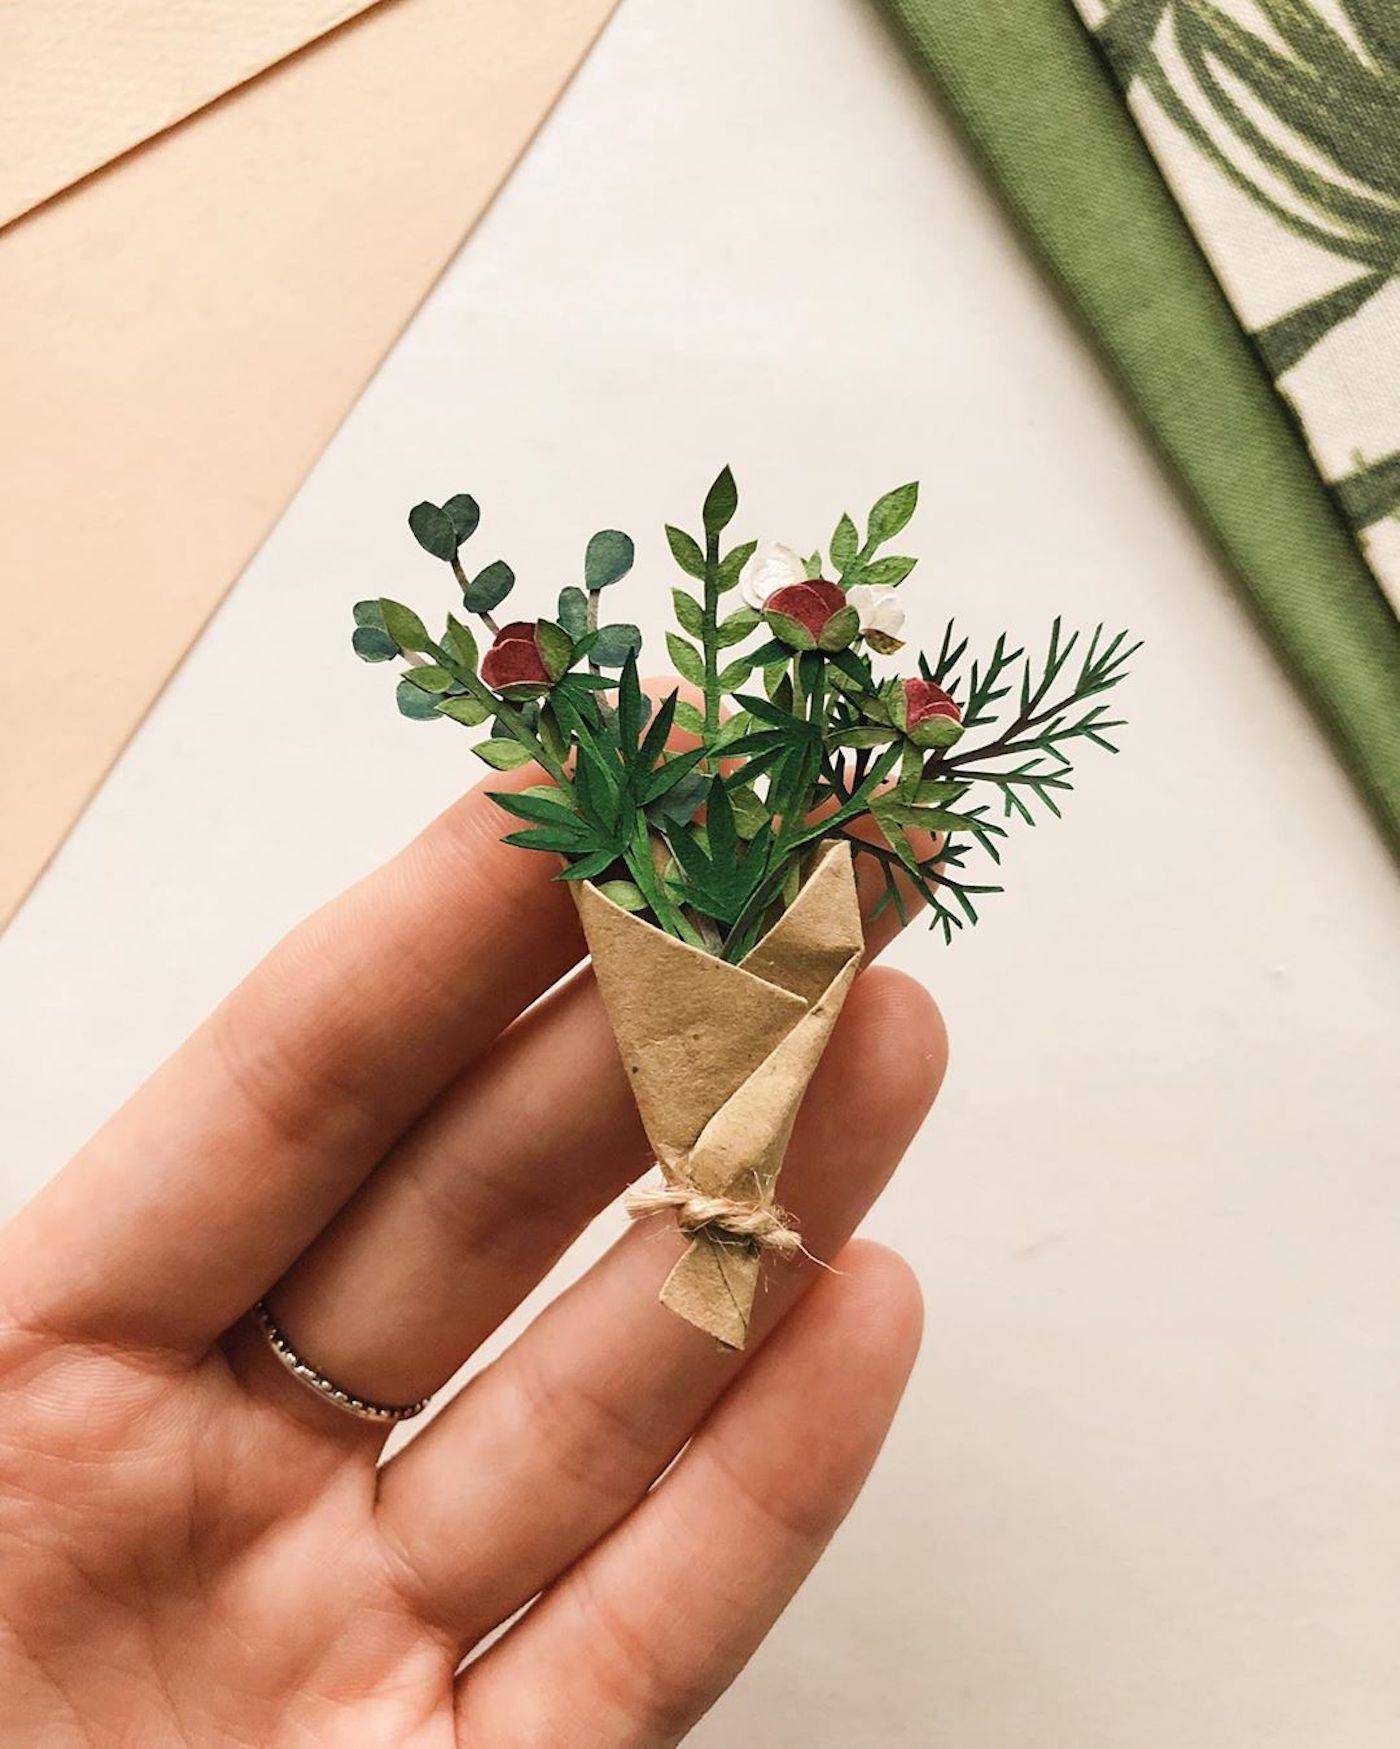 L'artiste Tania Lissova crée des bouquets de fleurs miniatures en papier